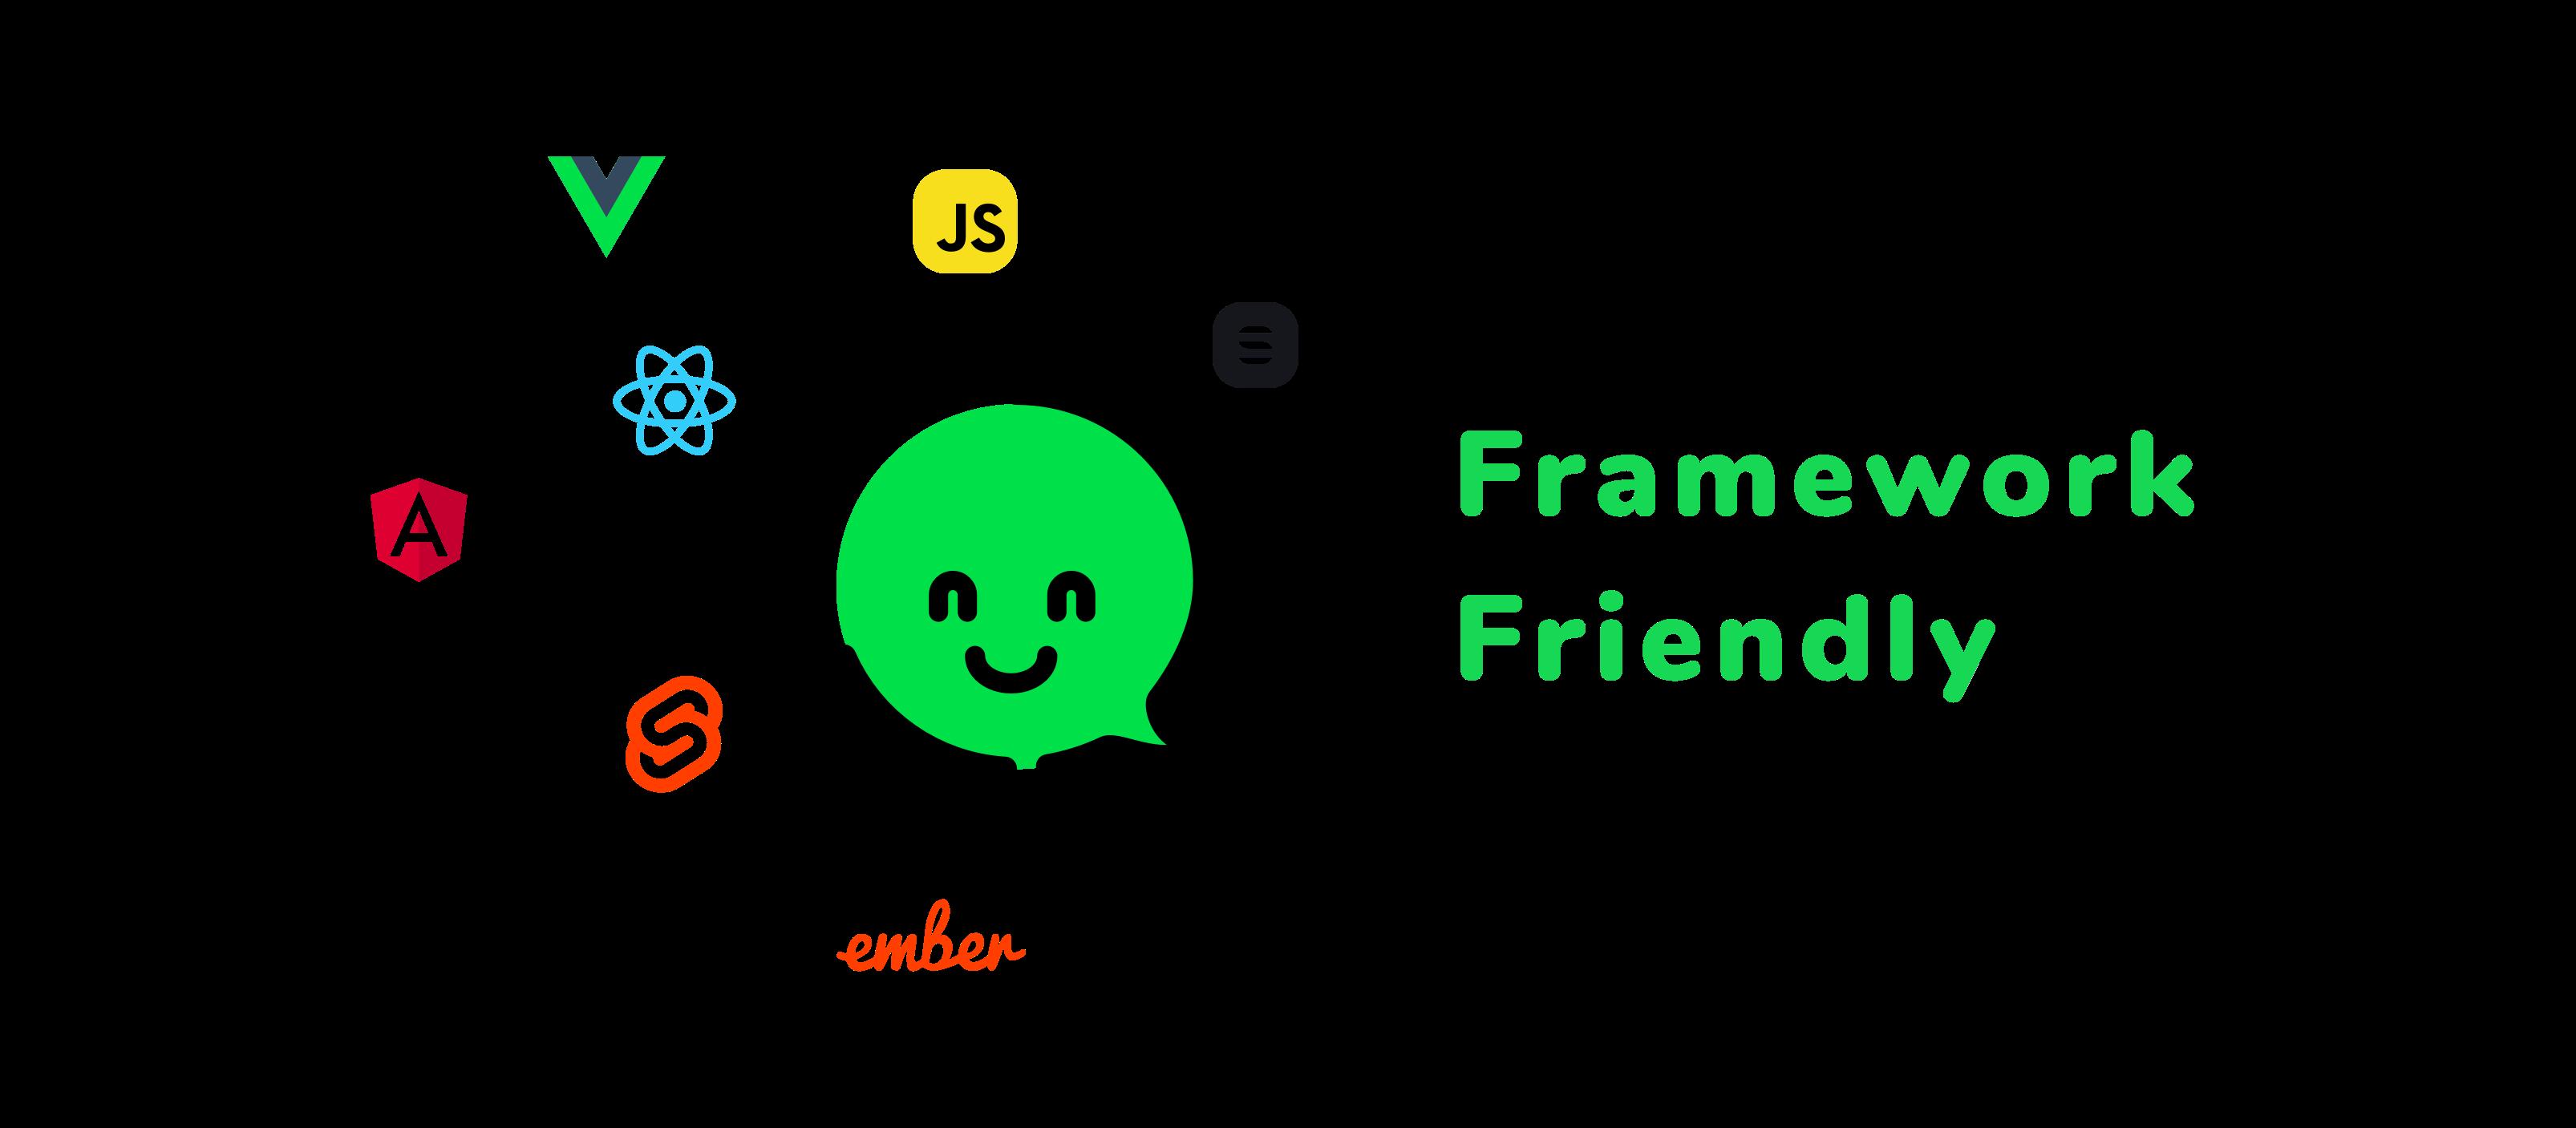 Framework friendly